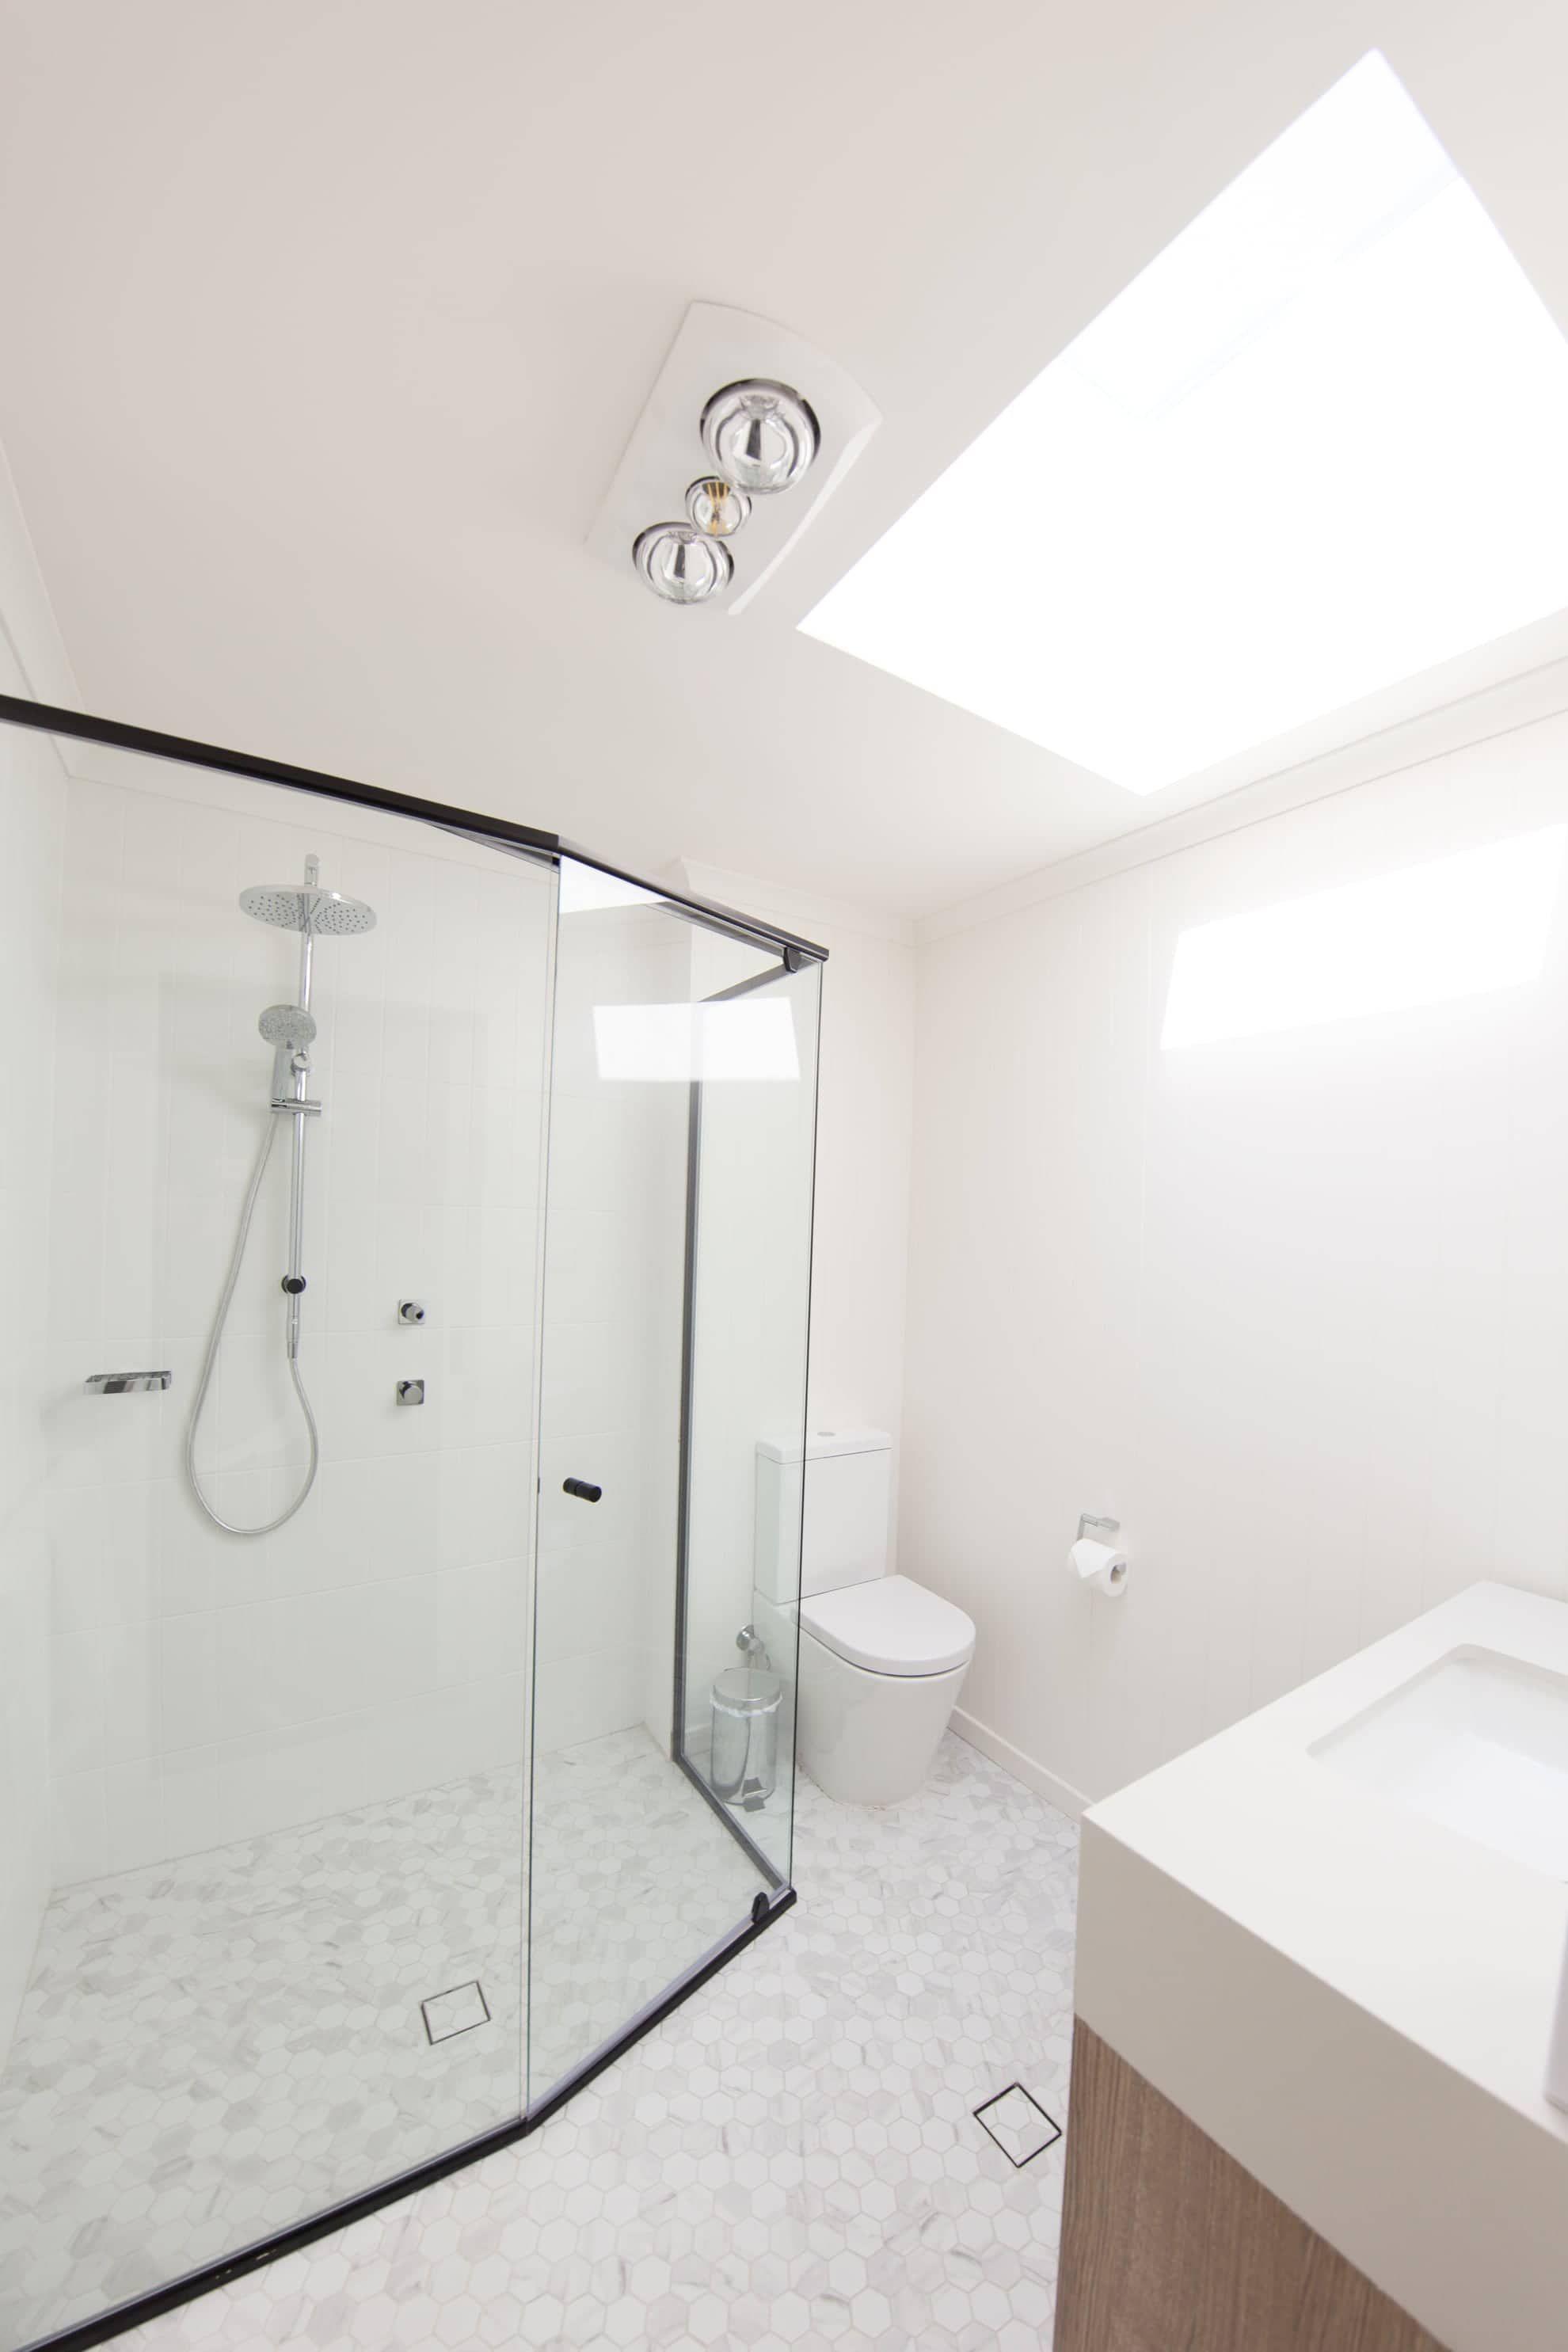 image of bathroom with glass shower door